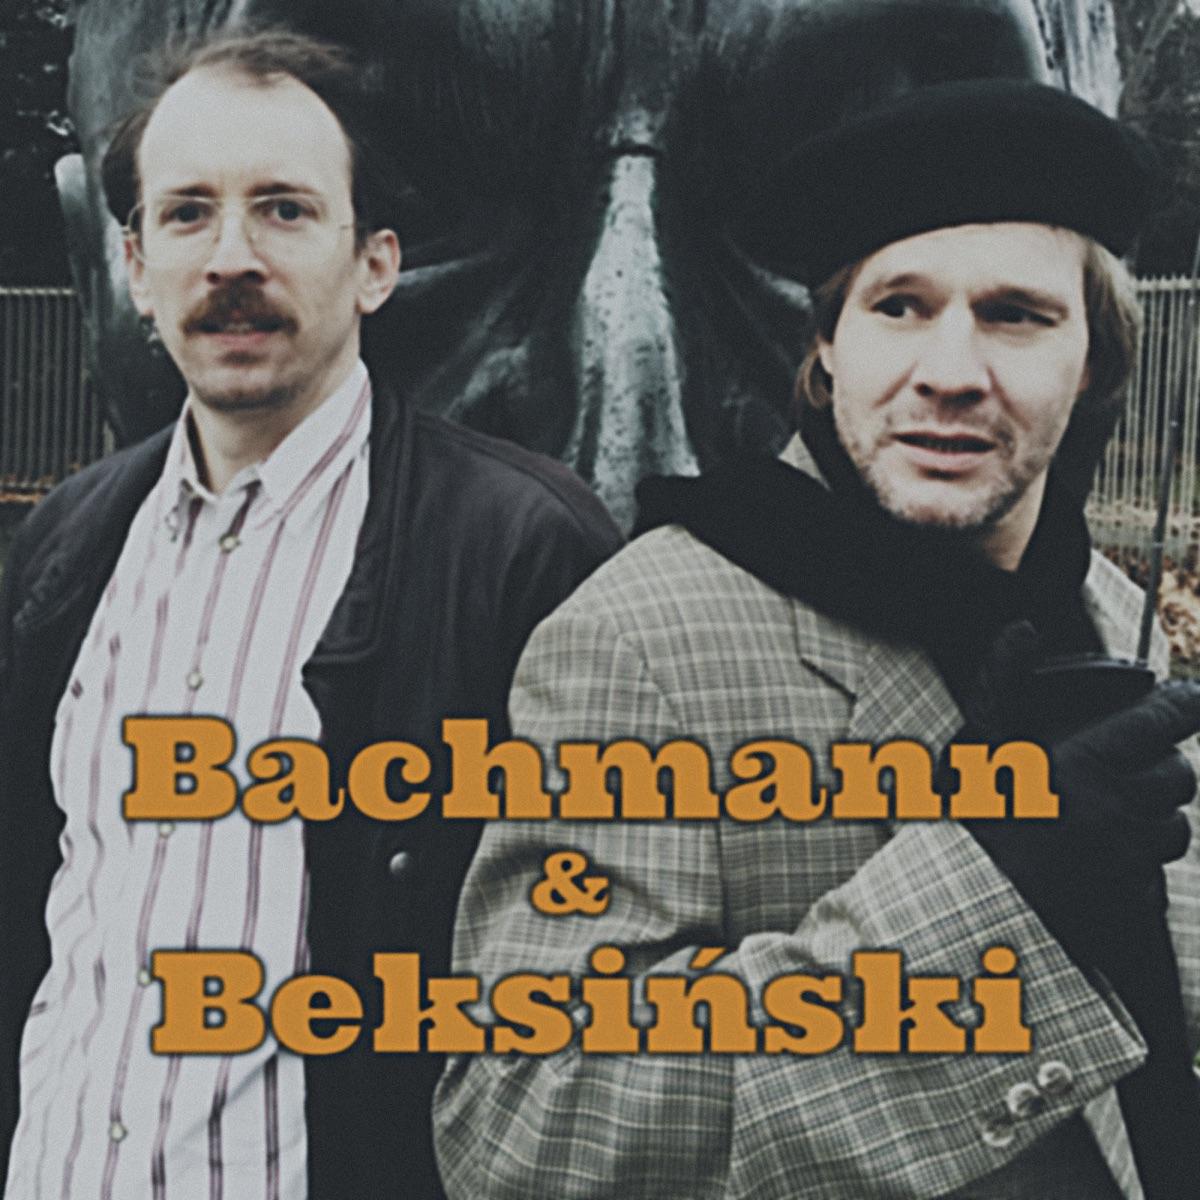 Bachmann & Beksinski